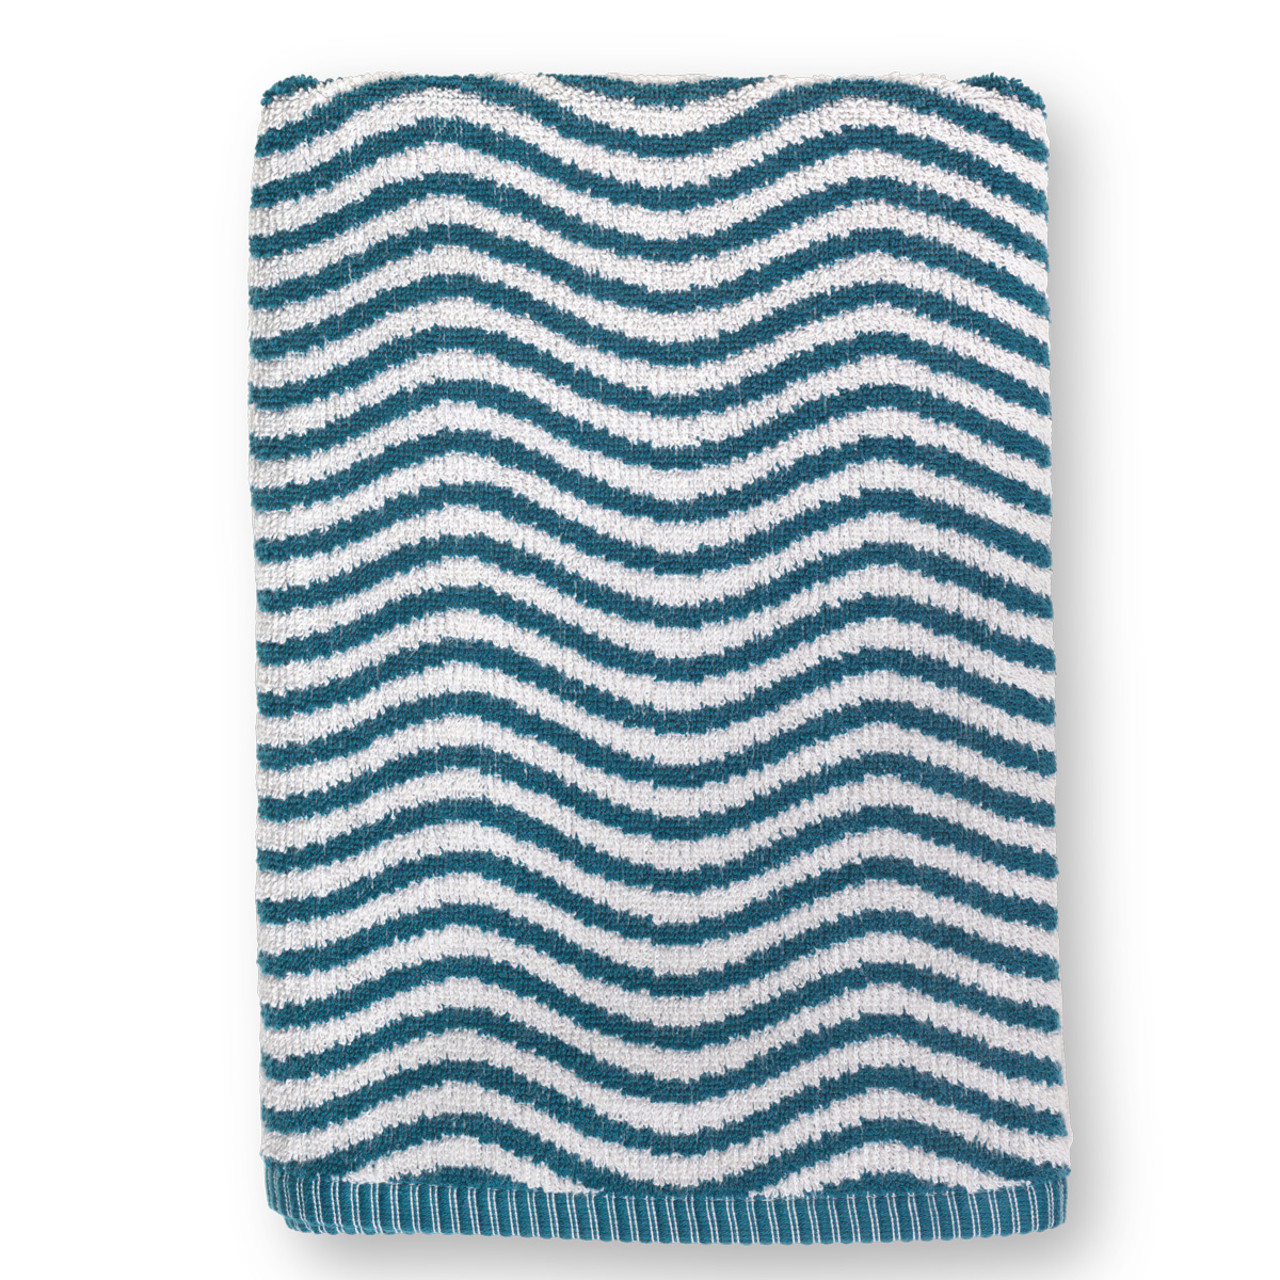 Juna Ocean Badehåndklæde Grå, Beige, Multifarve (100x50cm)